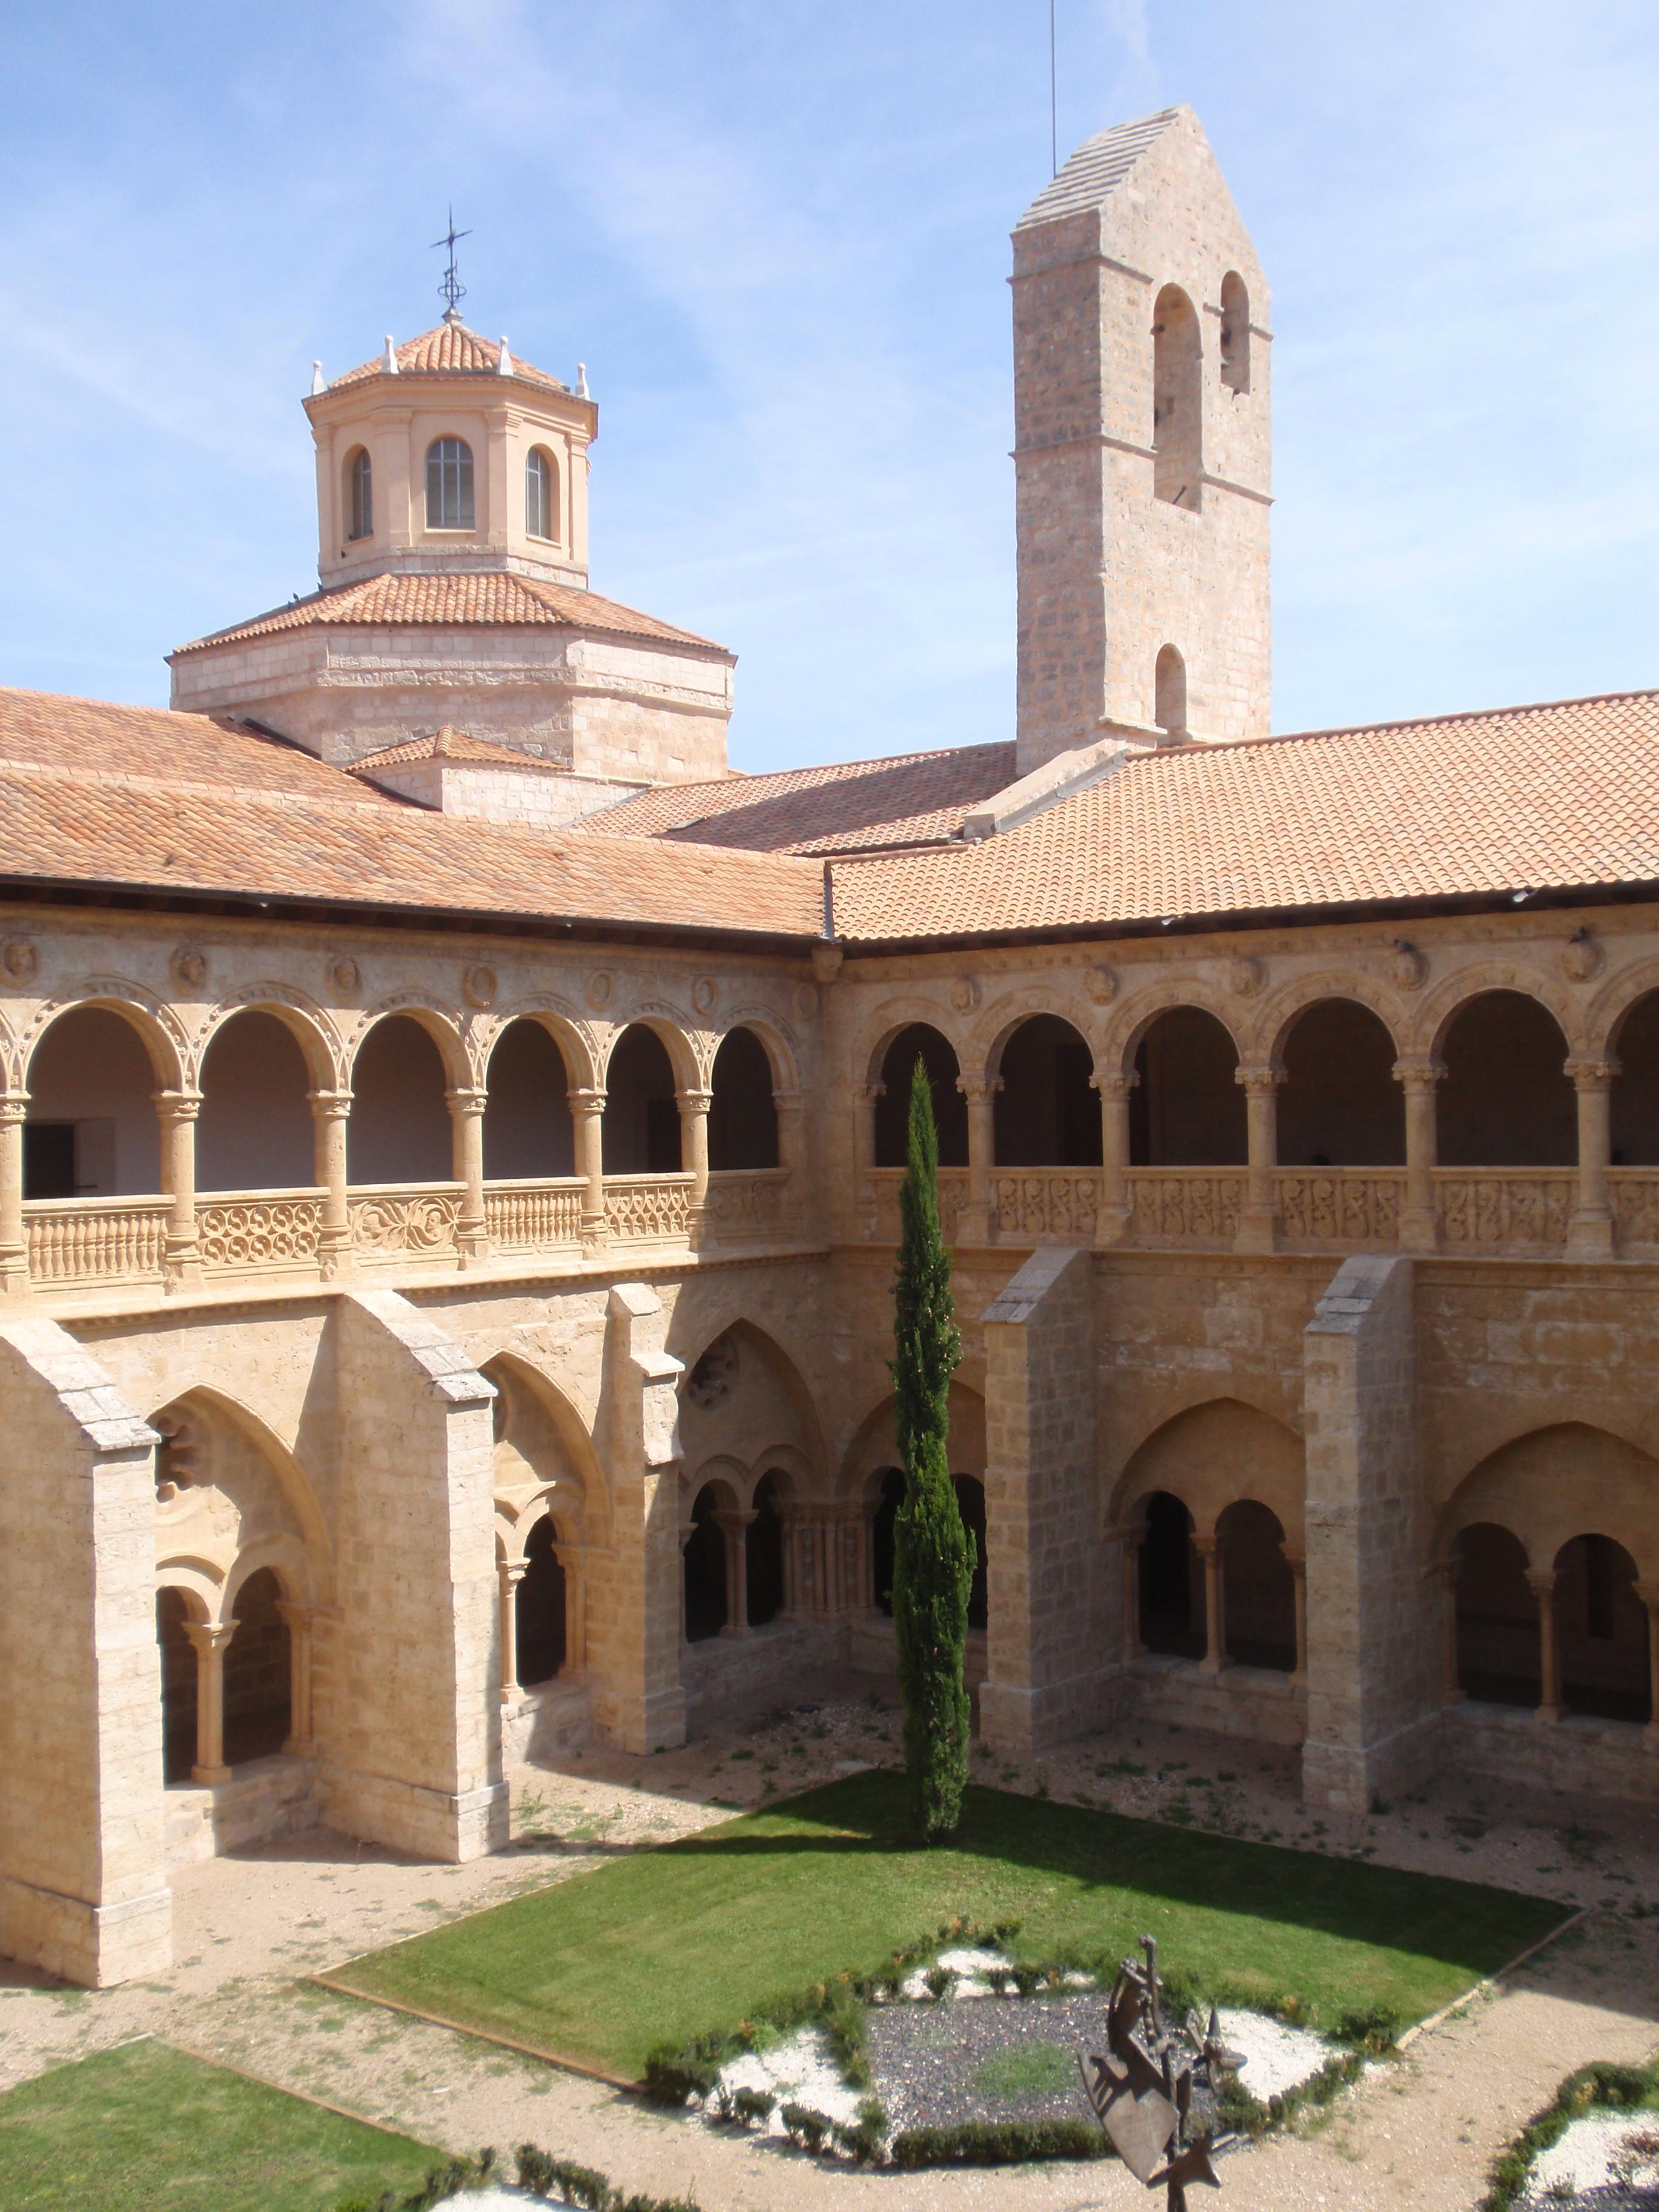 Monasterio De Santa Maria De Valbuena Ruta Del Vino Ribera Del Duero